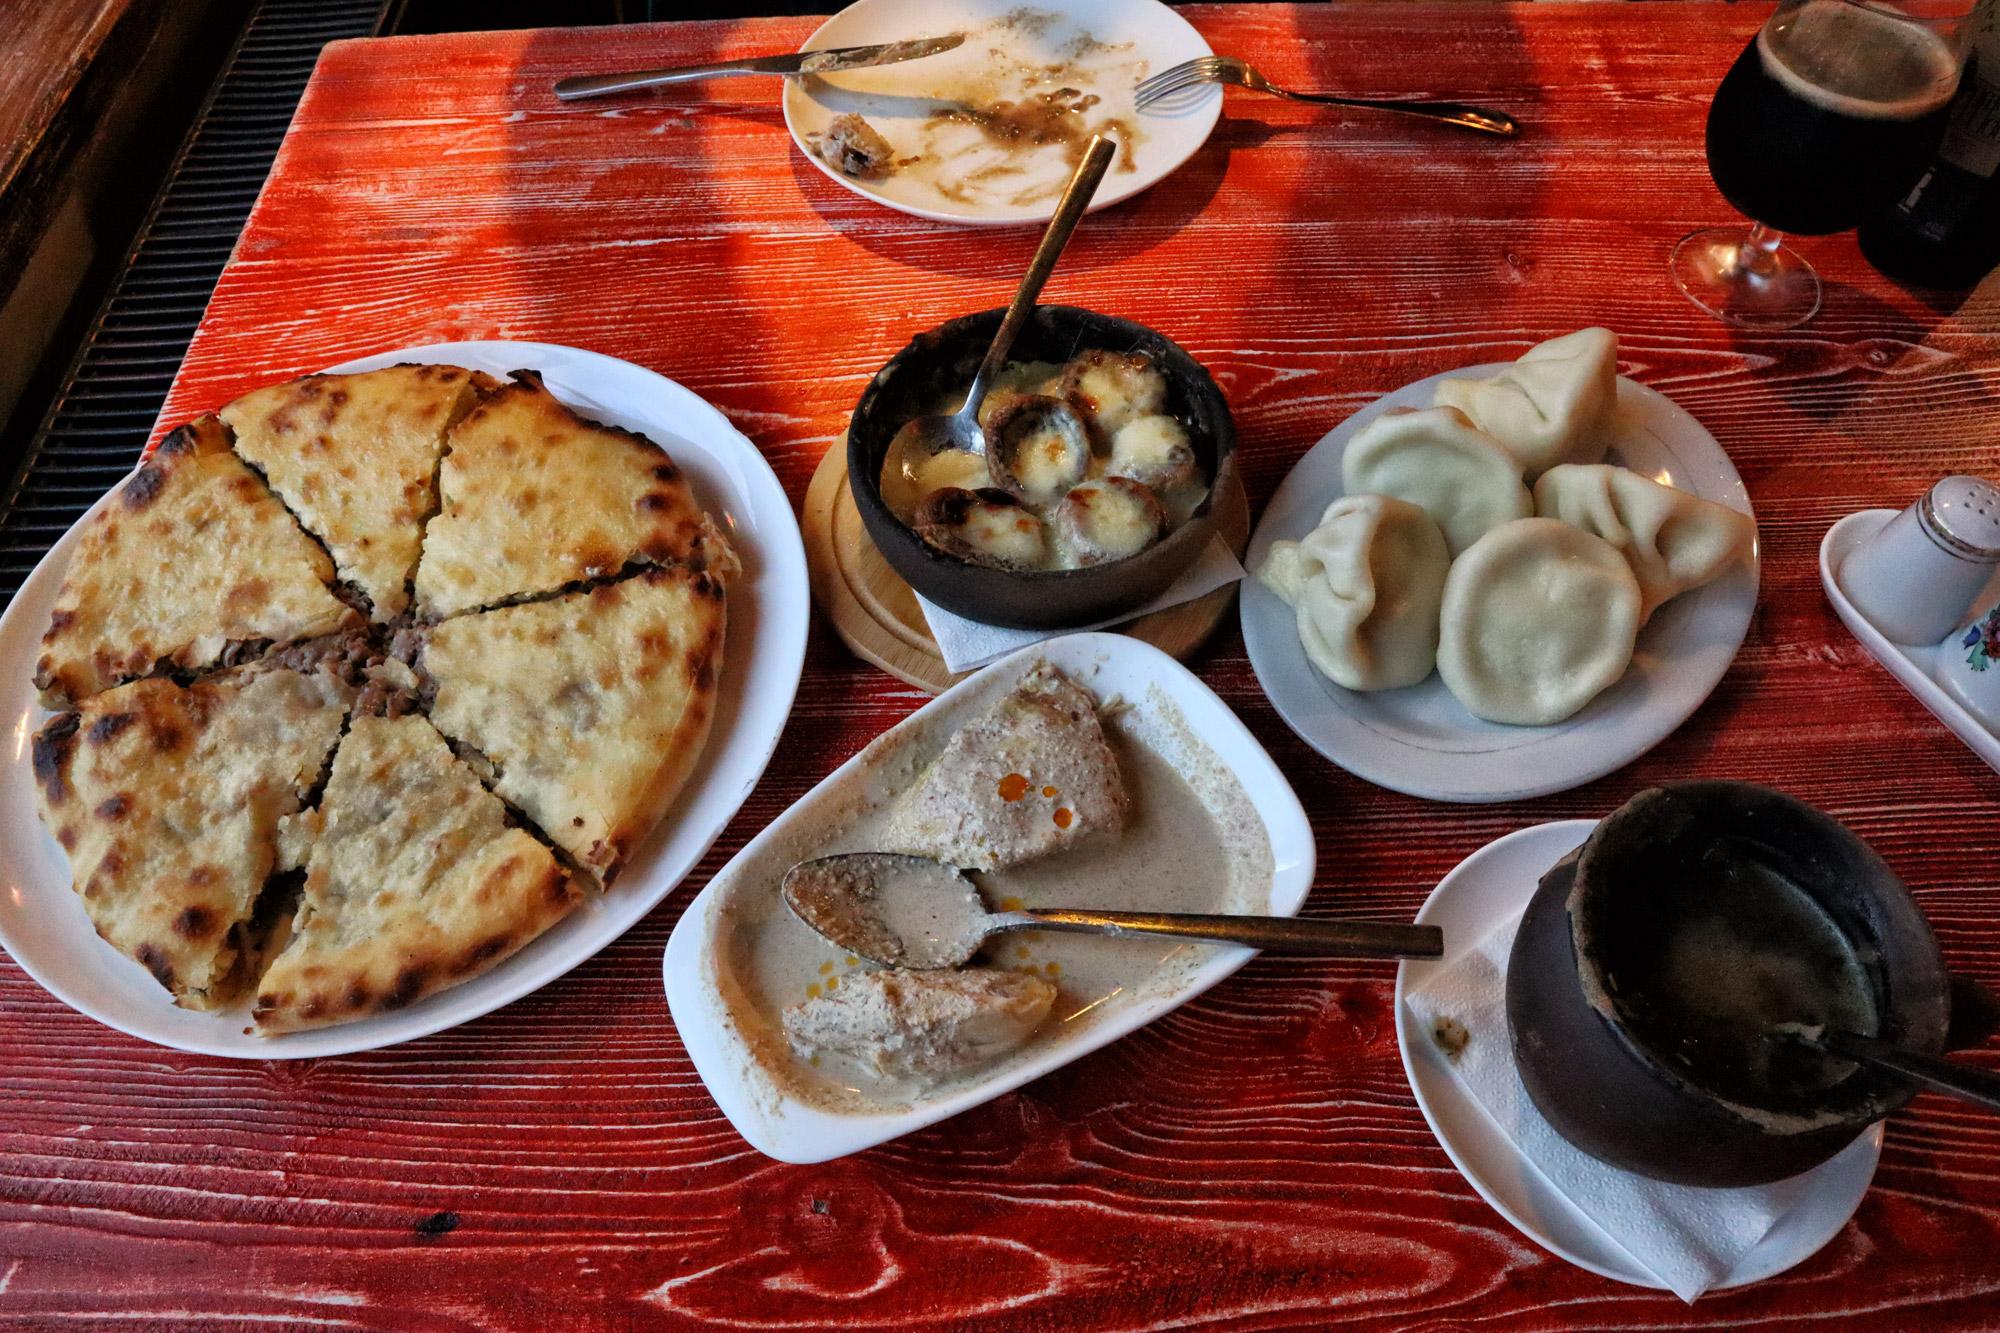 Kosten Georgië - Eten en drinken in Georgië